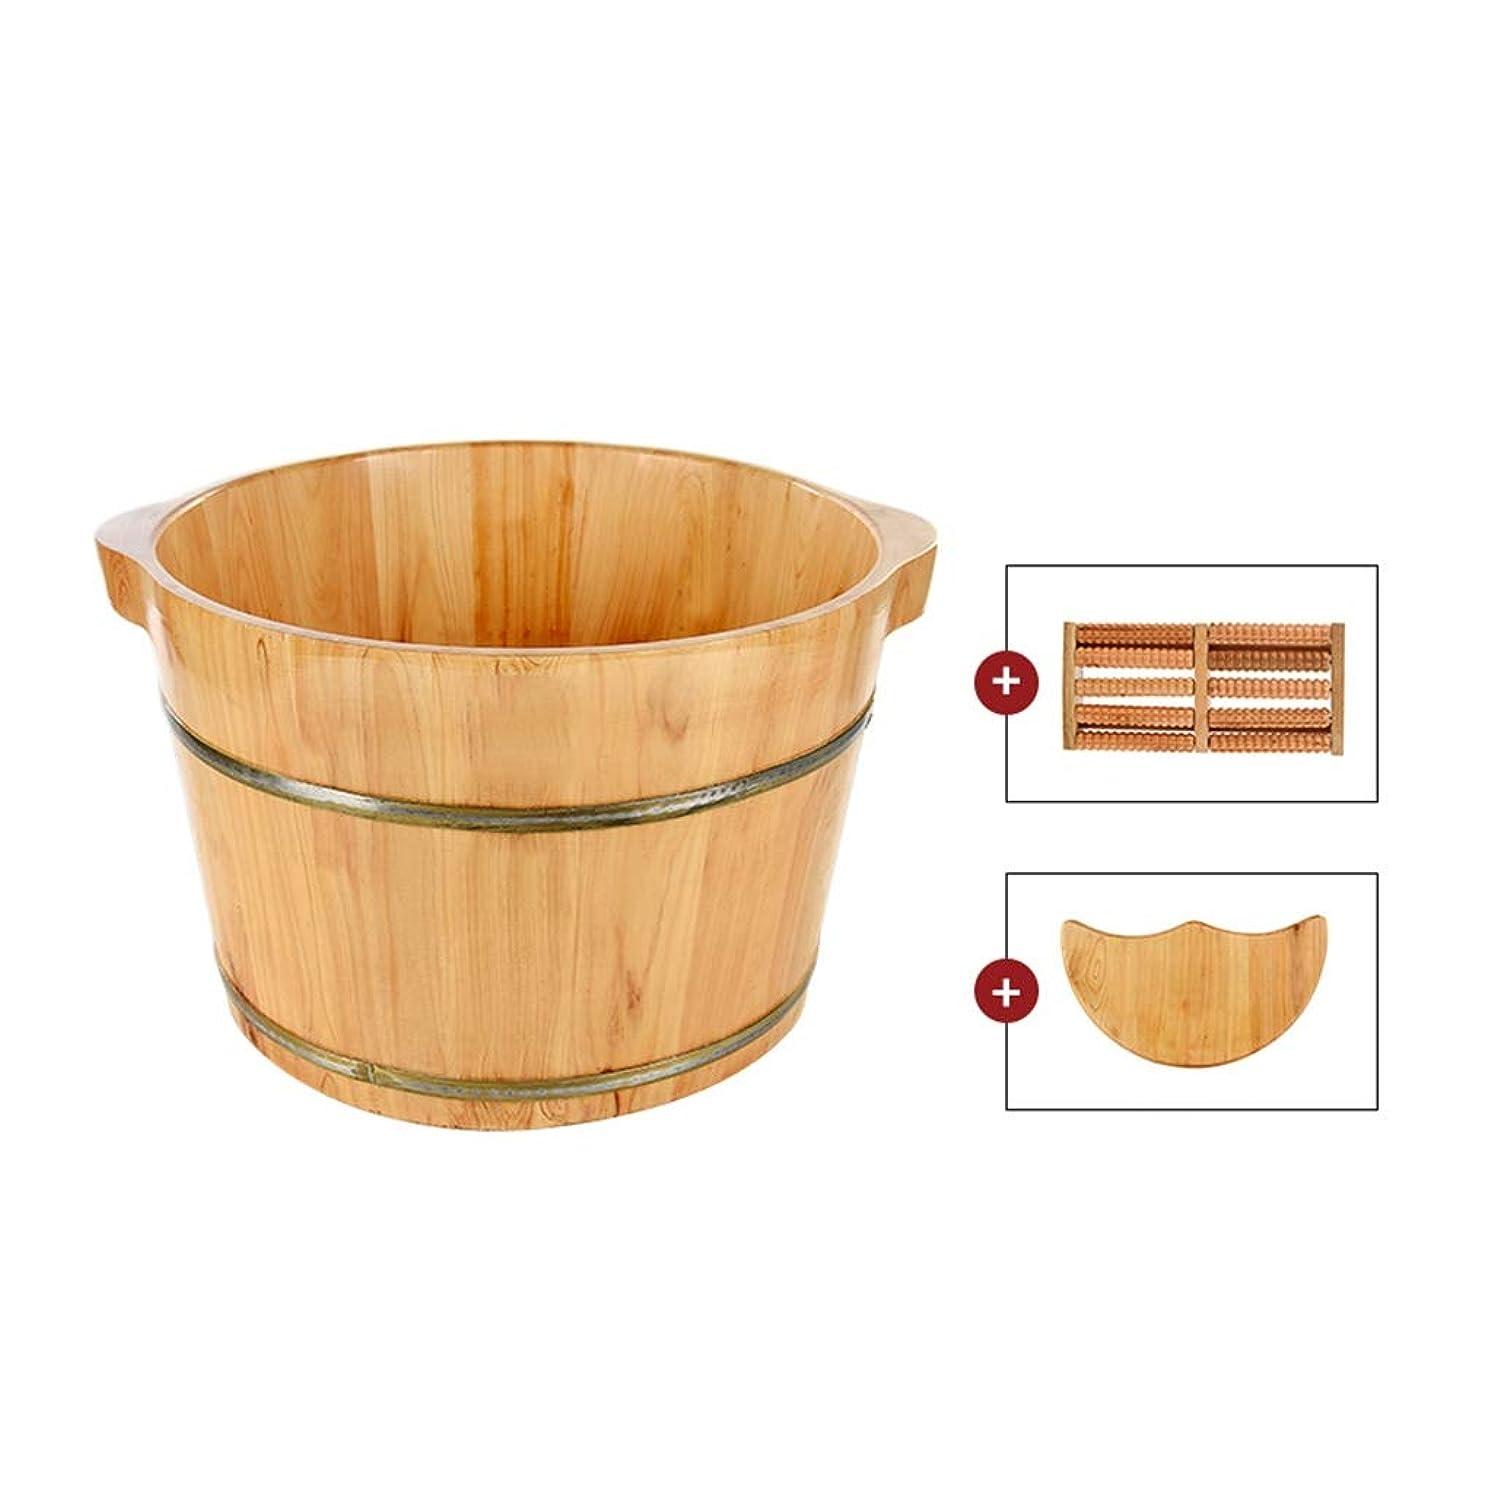 コテージ非常に怒っています持っているフットバス、堅牢で耐久性のある天然太い木製サウナ足浴槽が改善するマッサージ足を浸しことができます 26cm (Size : 26cm(10in))